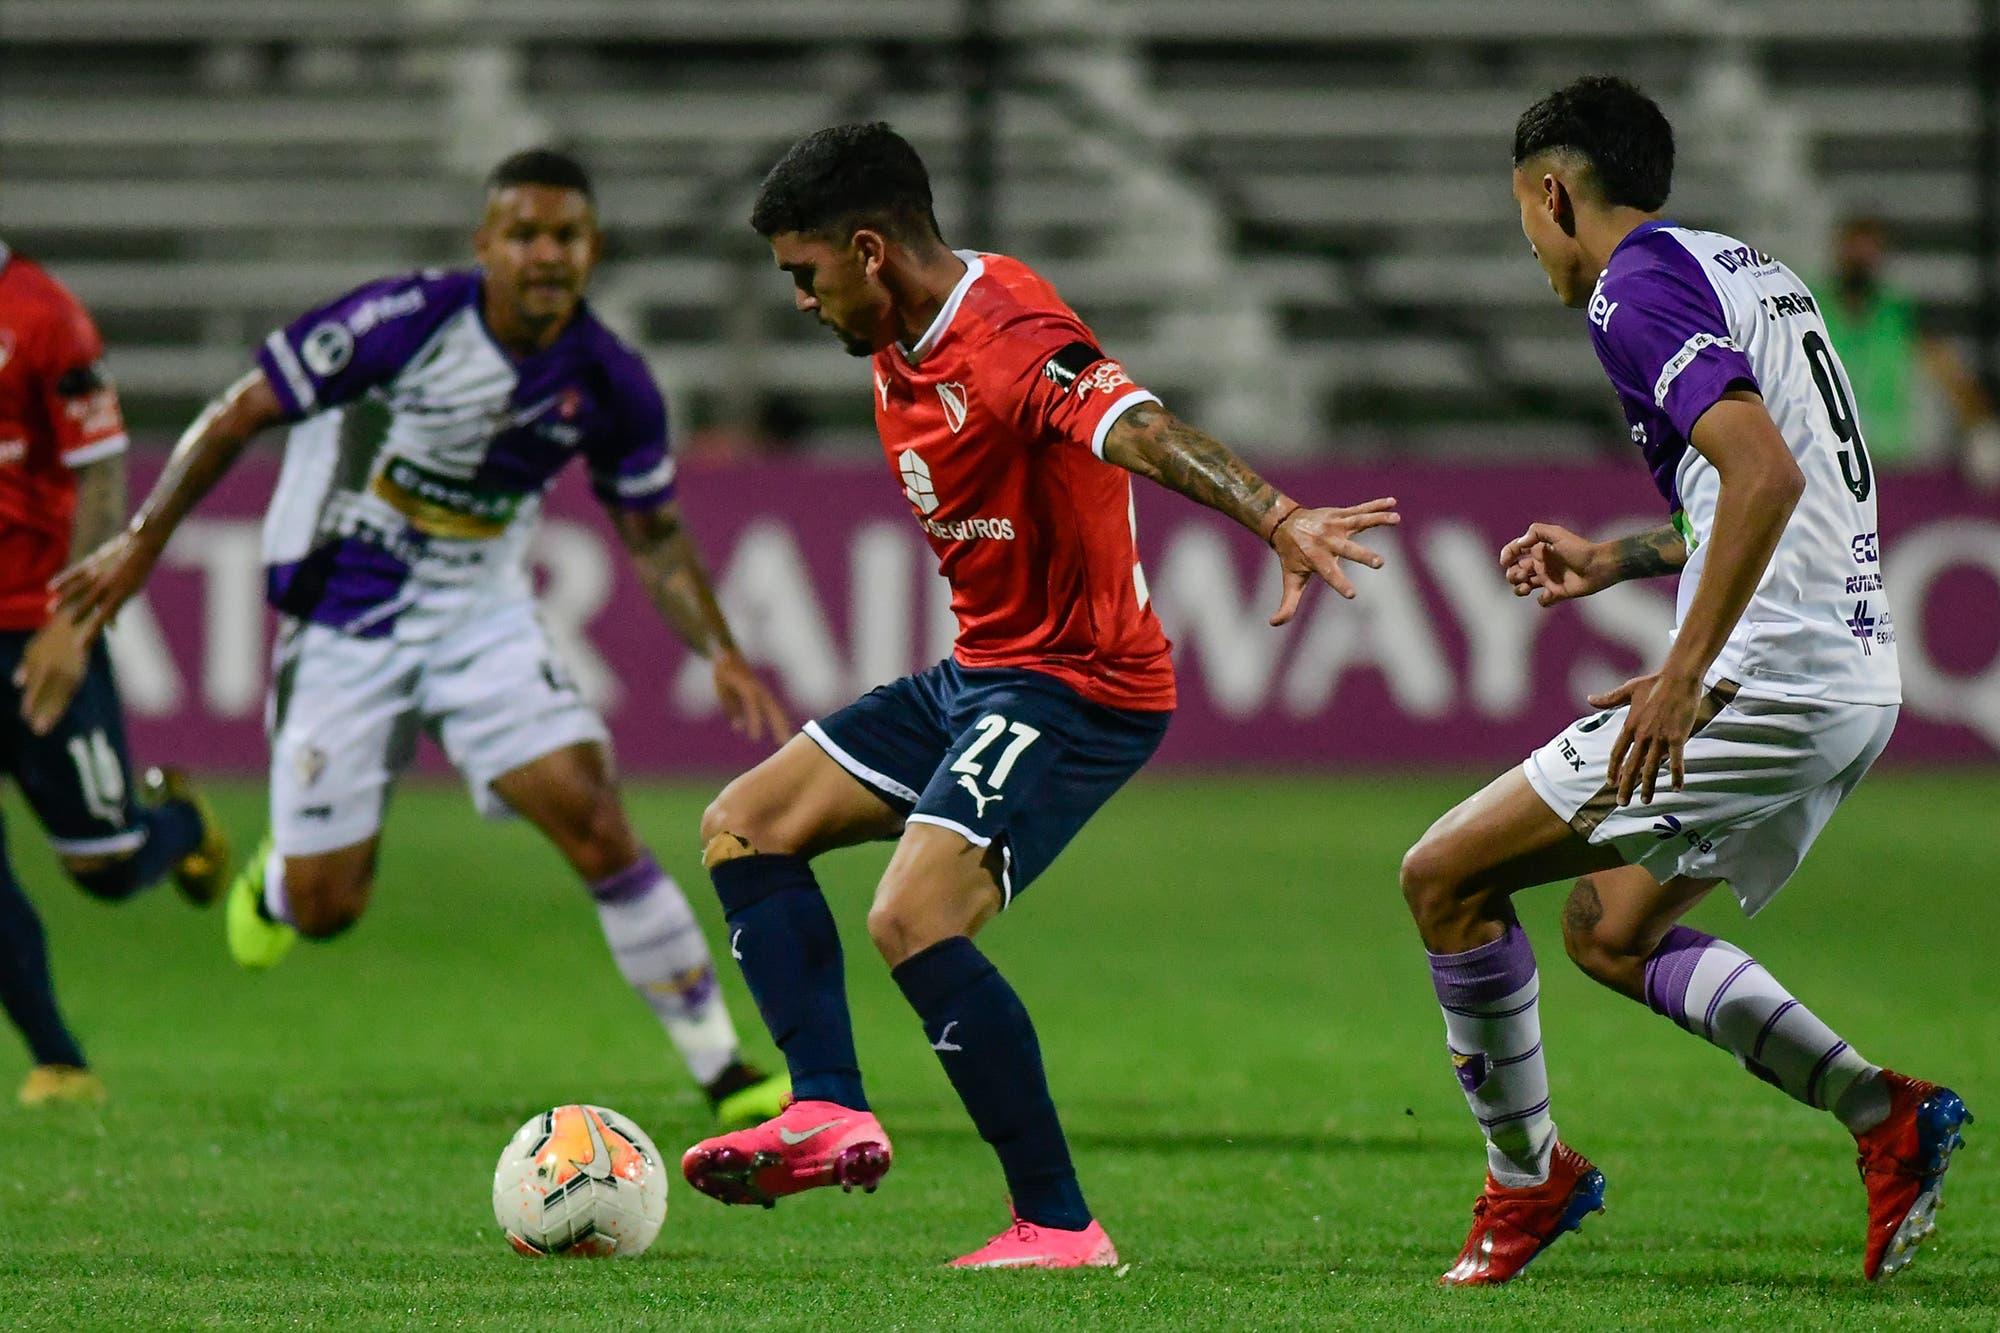 Independiente-Fénix, por el pase a cuartos de final de la Copa Sudamericana: el Rojo parte con la ventaja obtenida en la ida